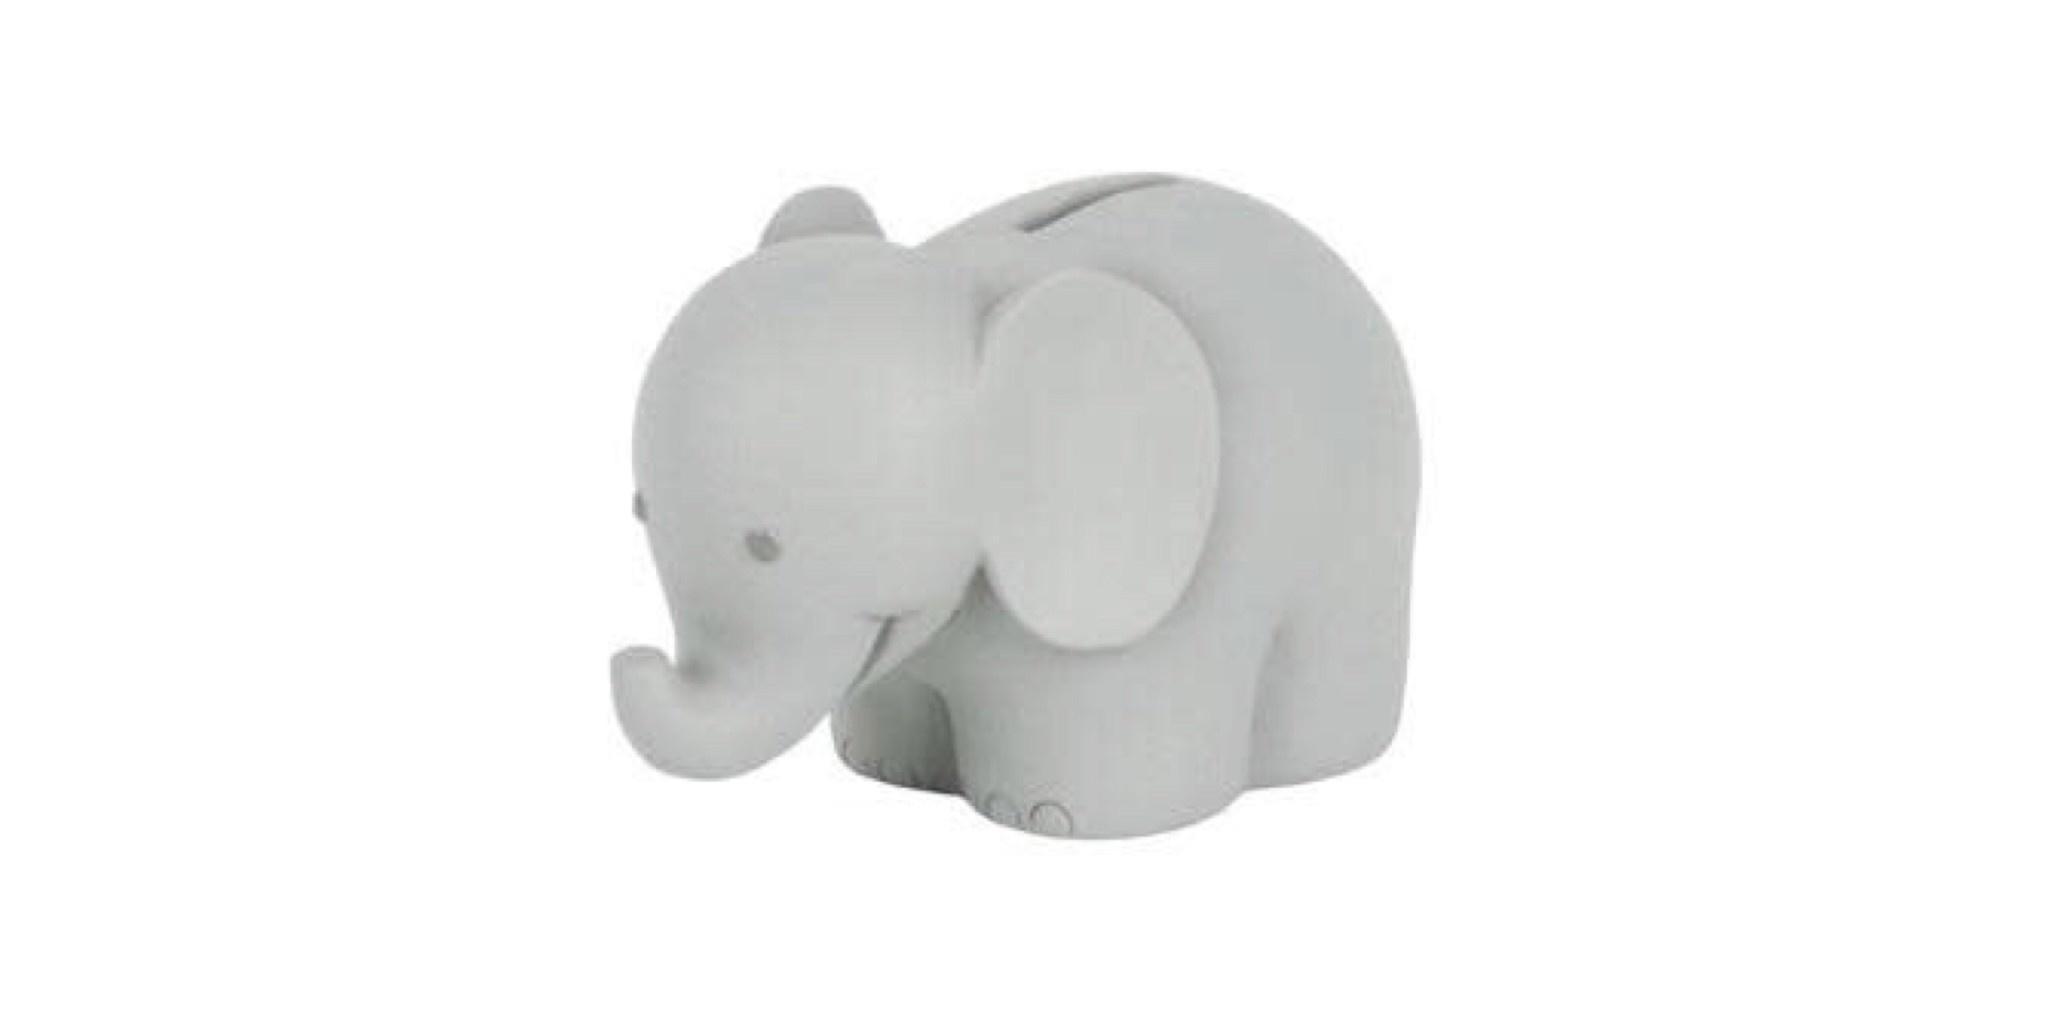 BamBam BamBam 51455 elephant moneybank